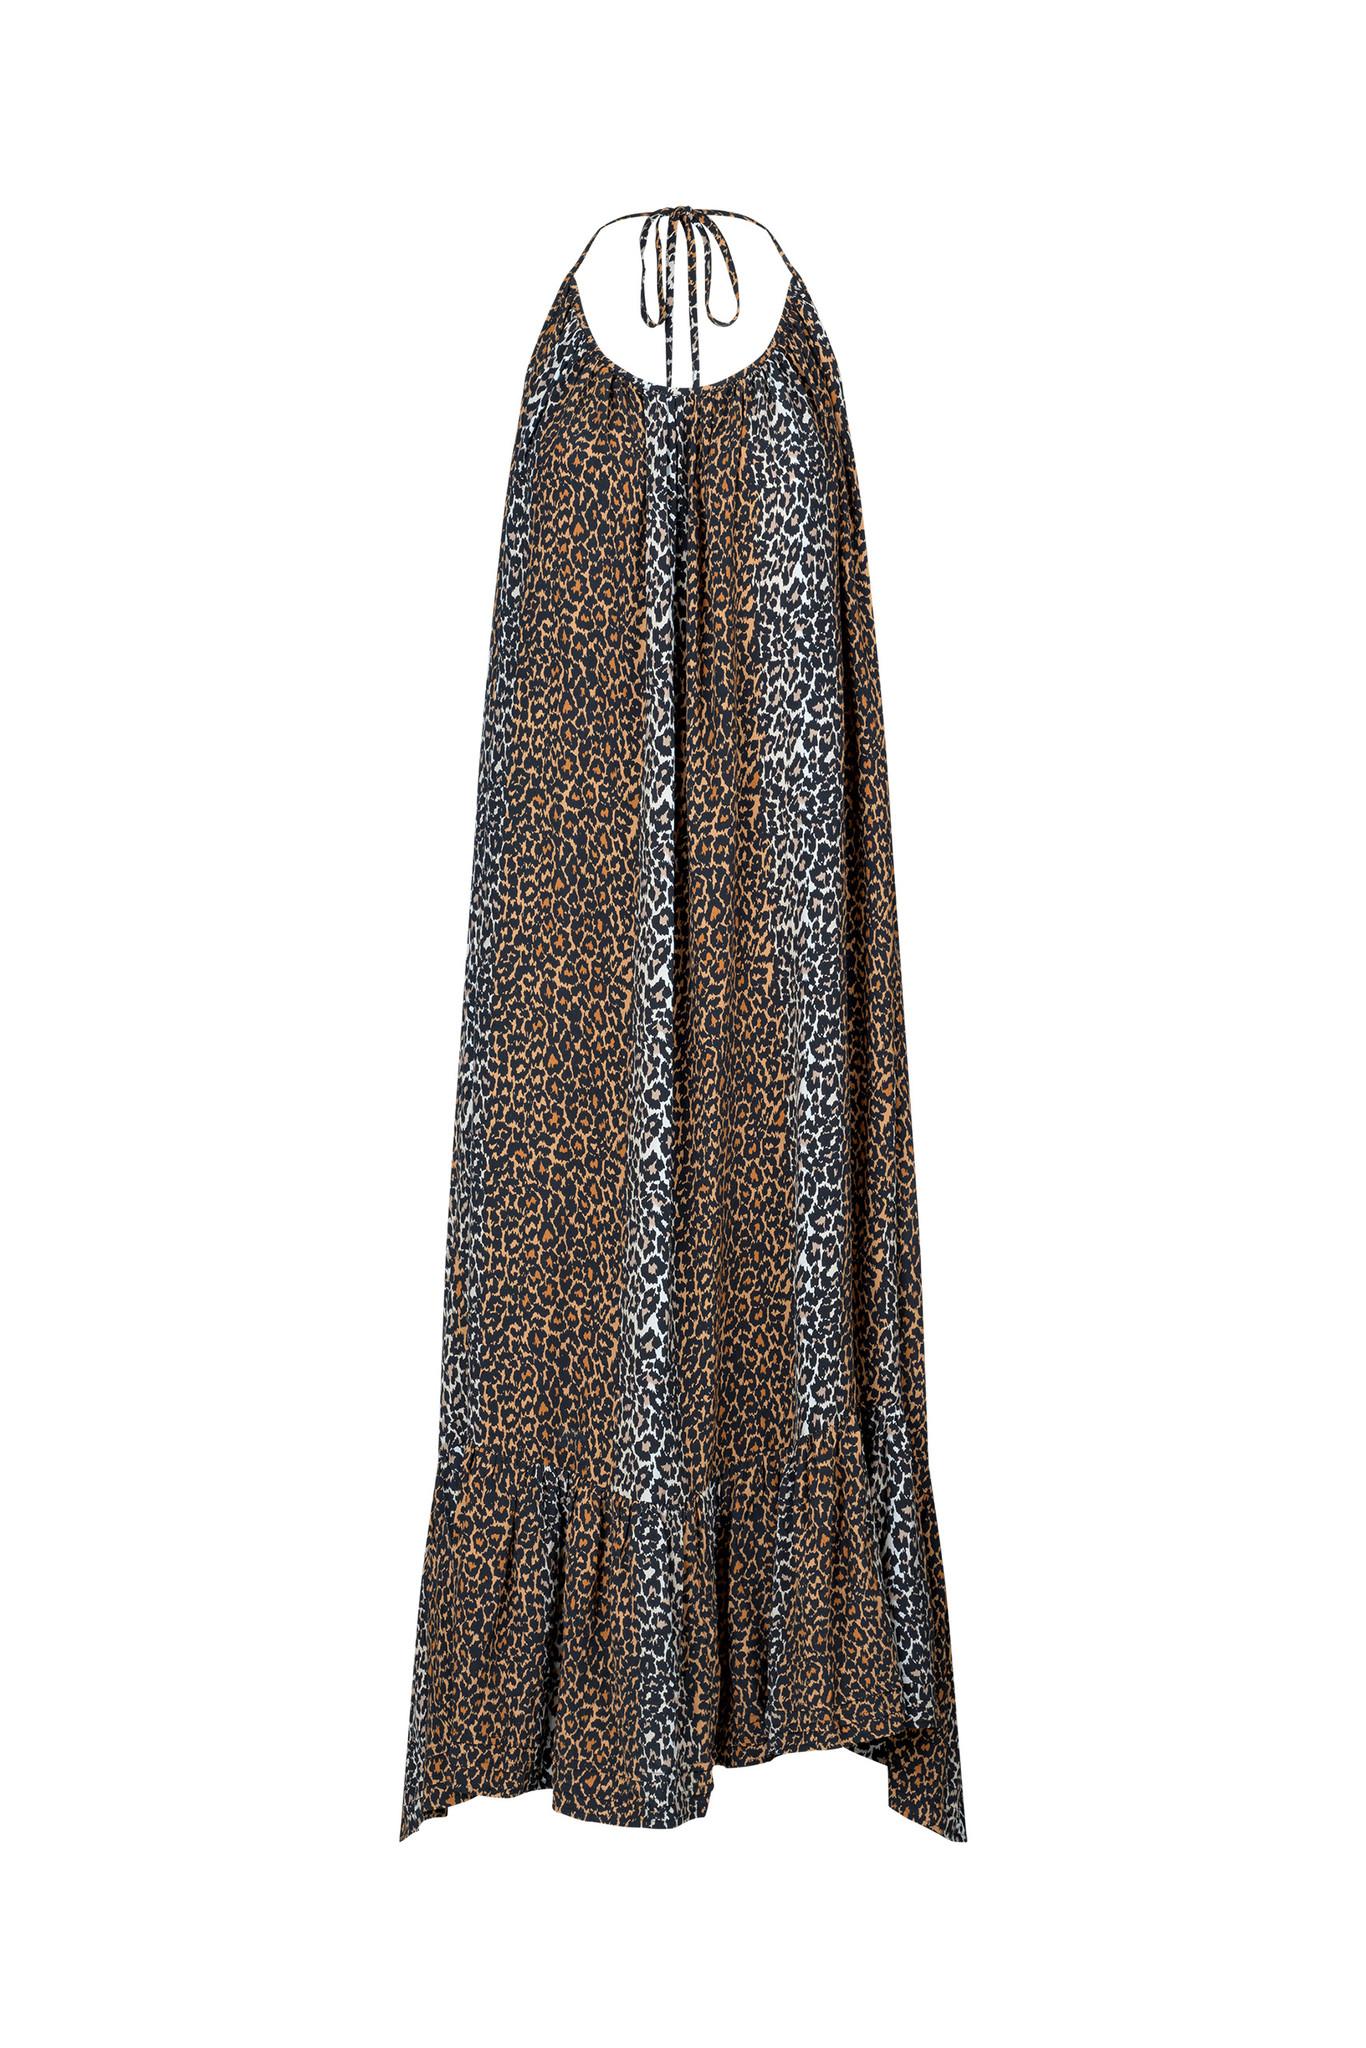 Taylor Leopard Halterneck Dress - Leopard-1